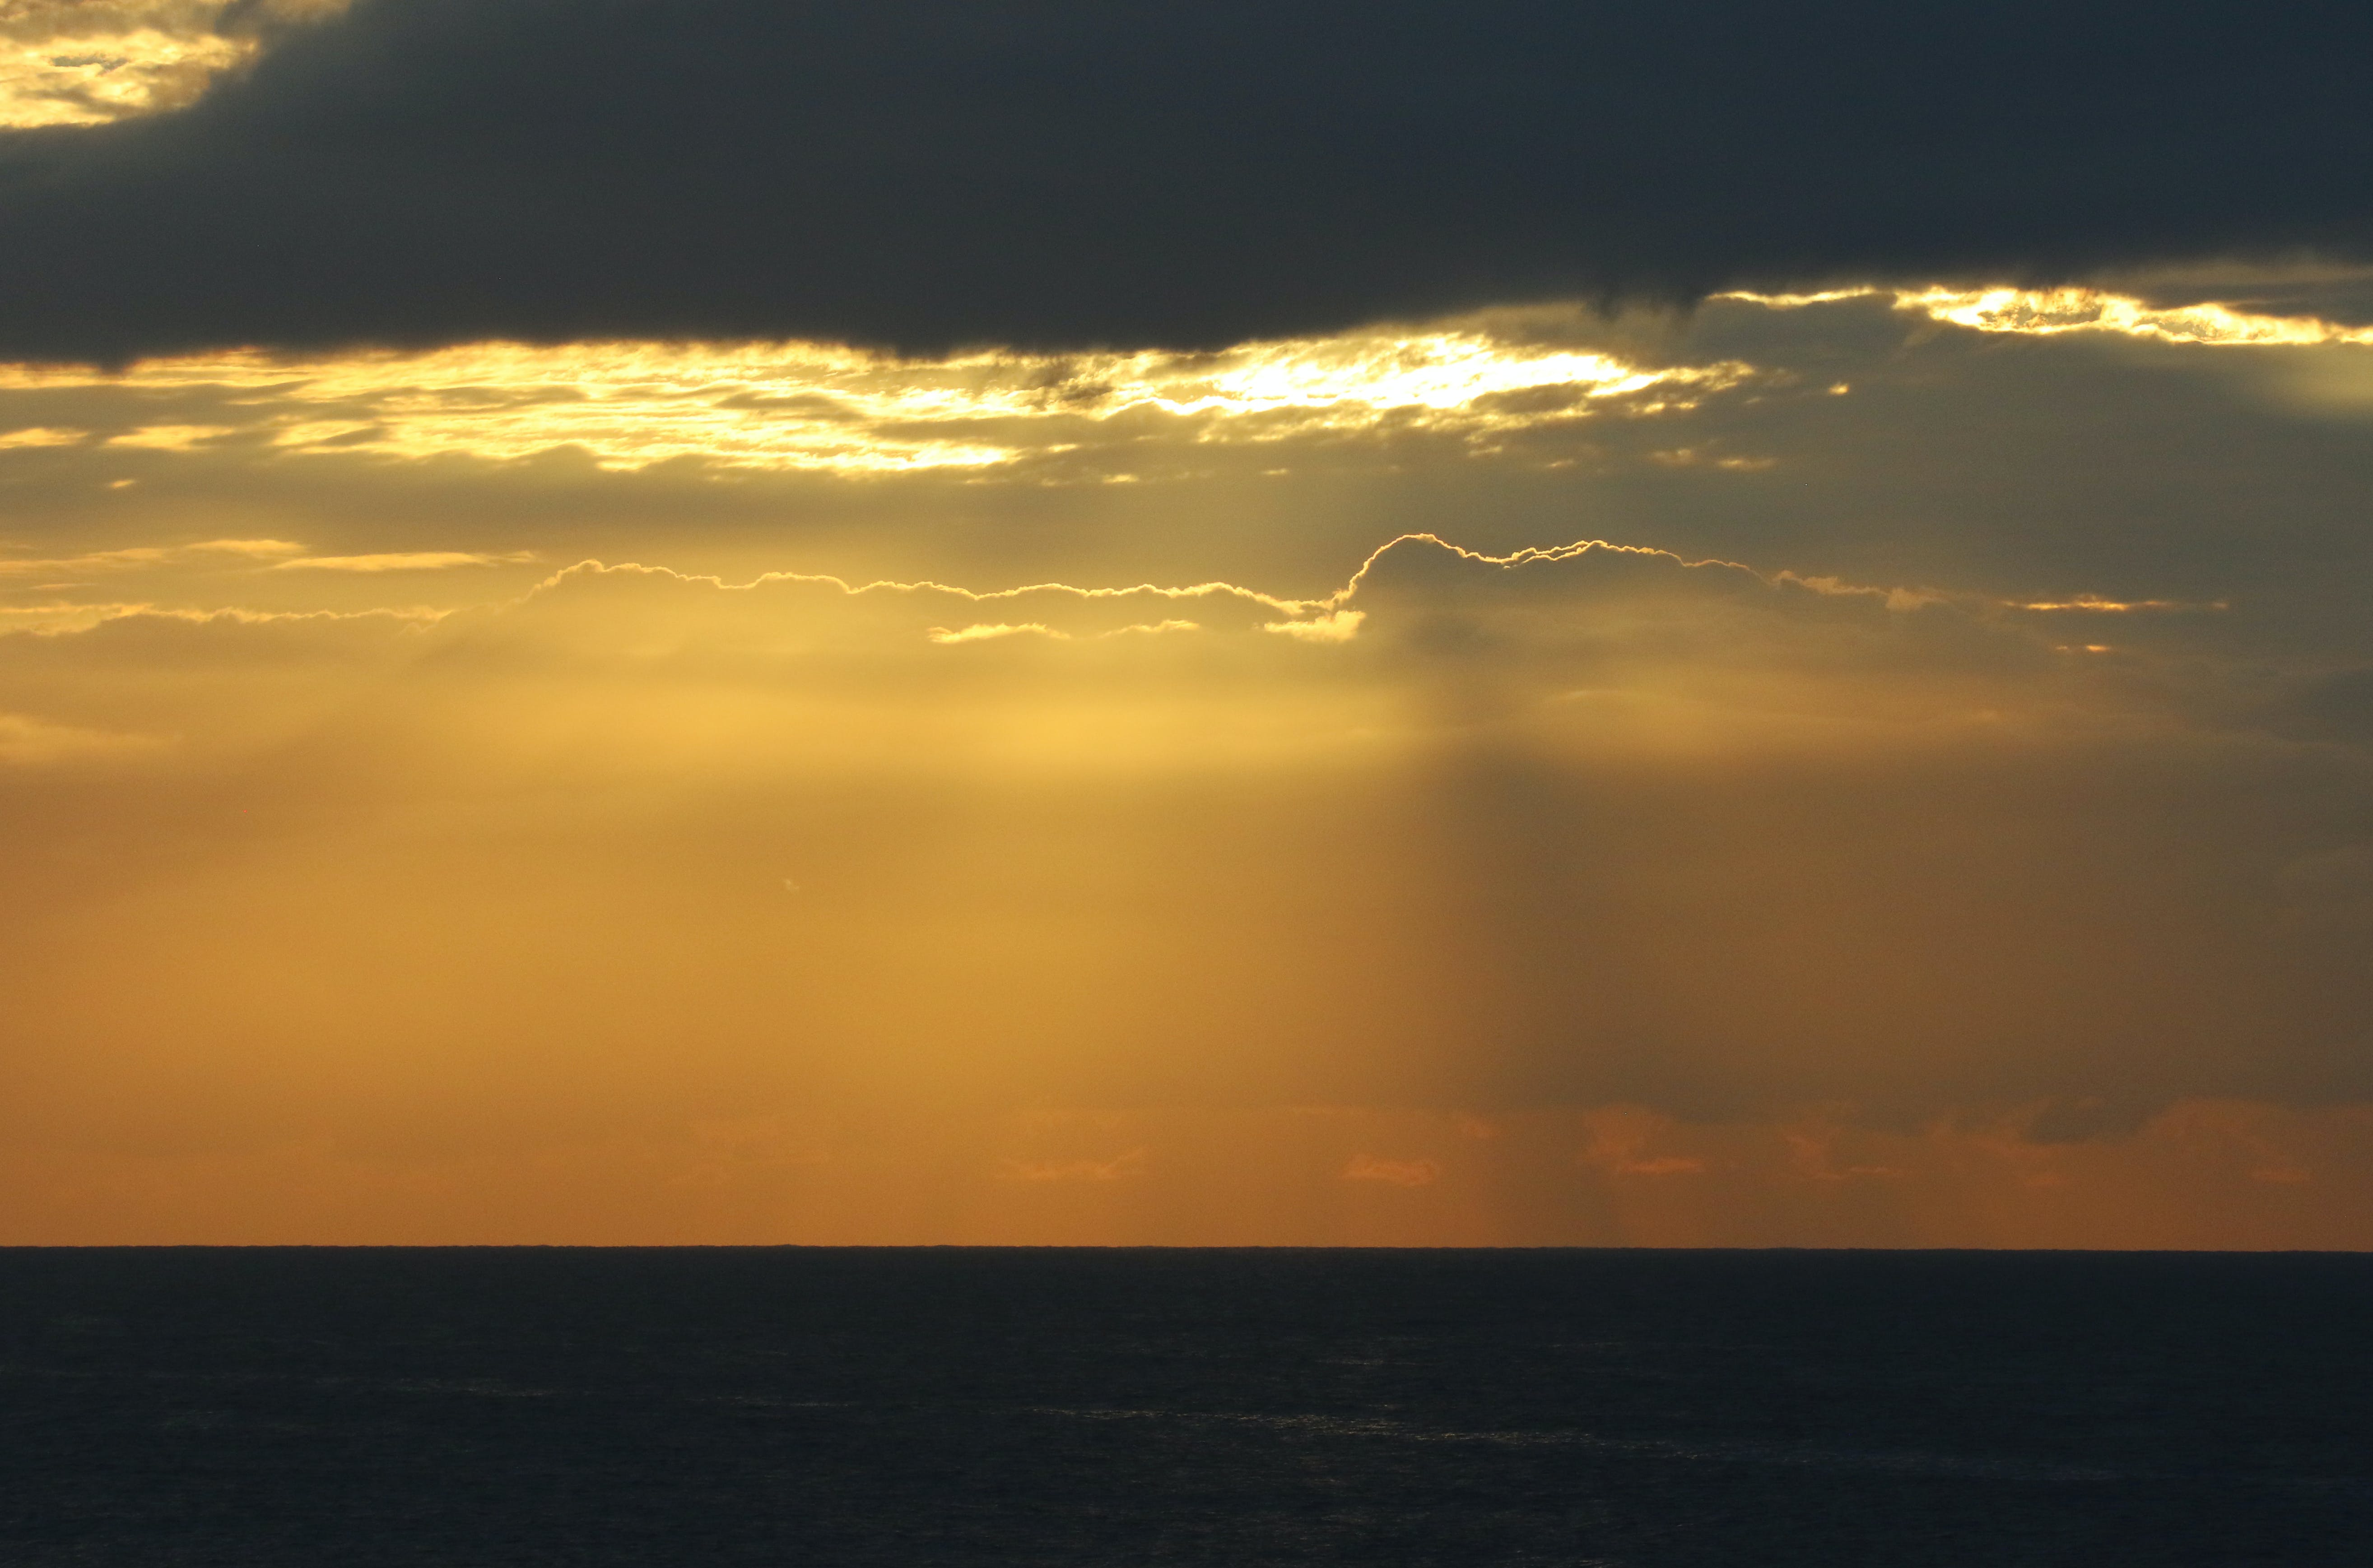 Panoramic Photography of Sunbeam